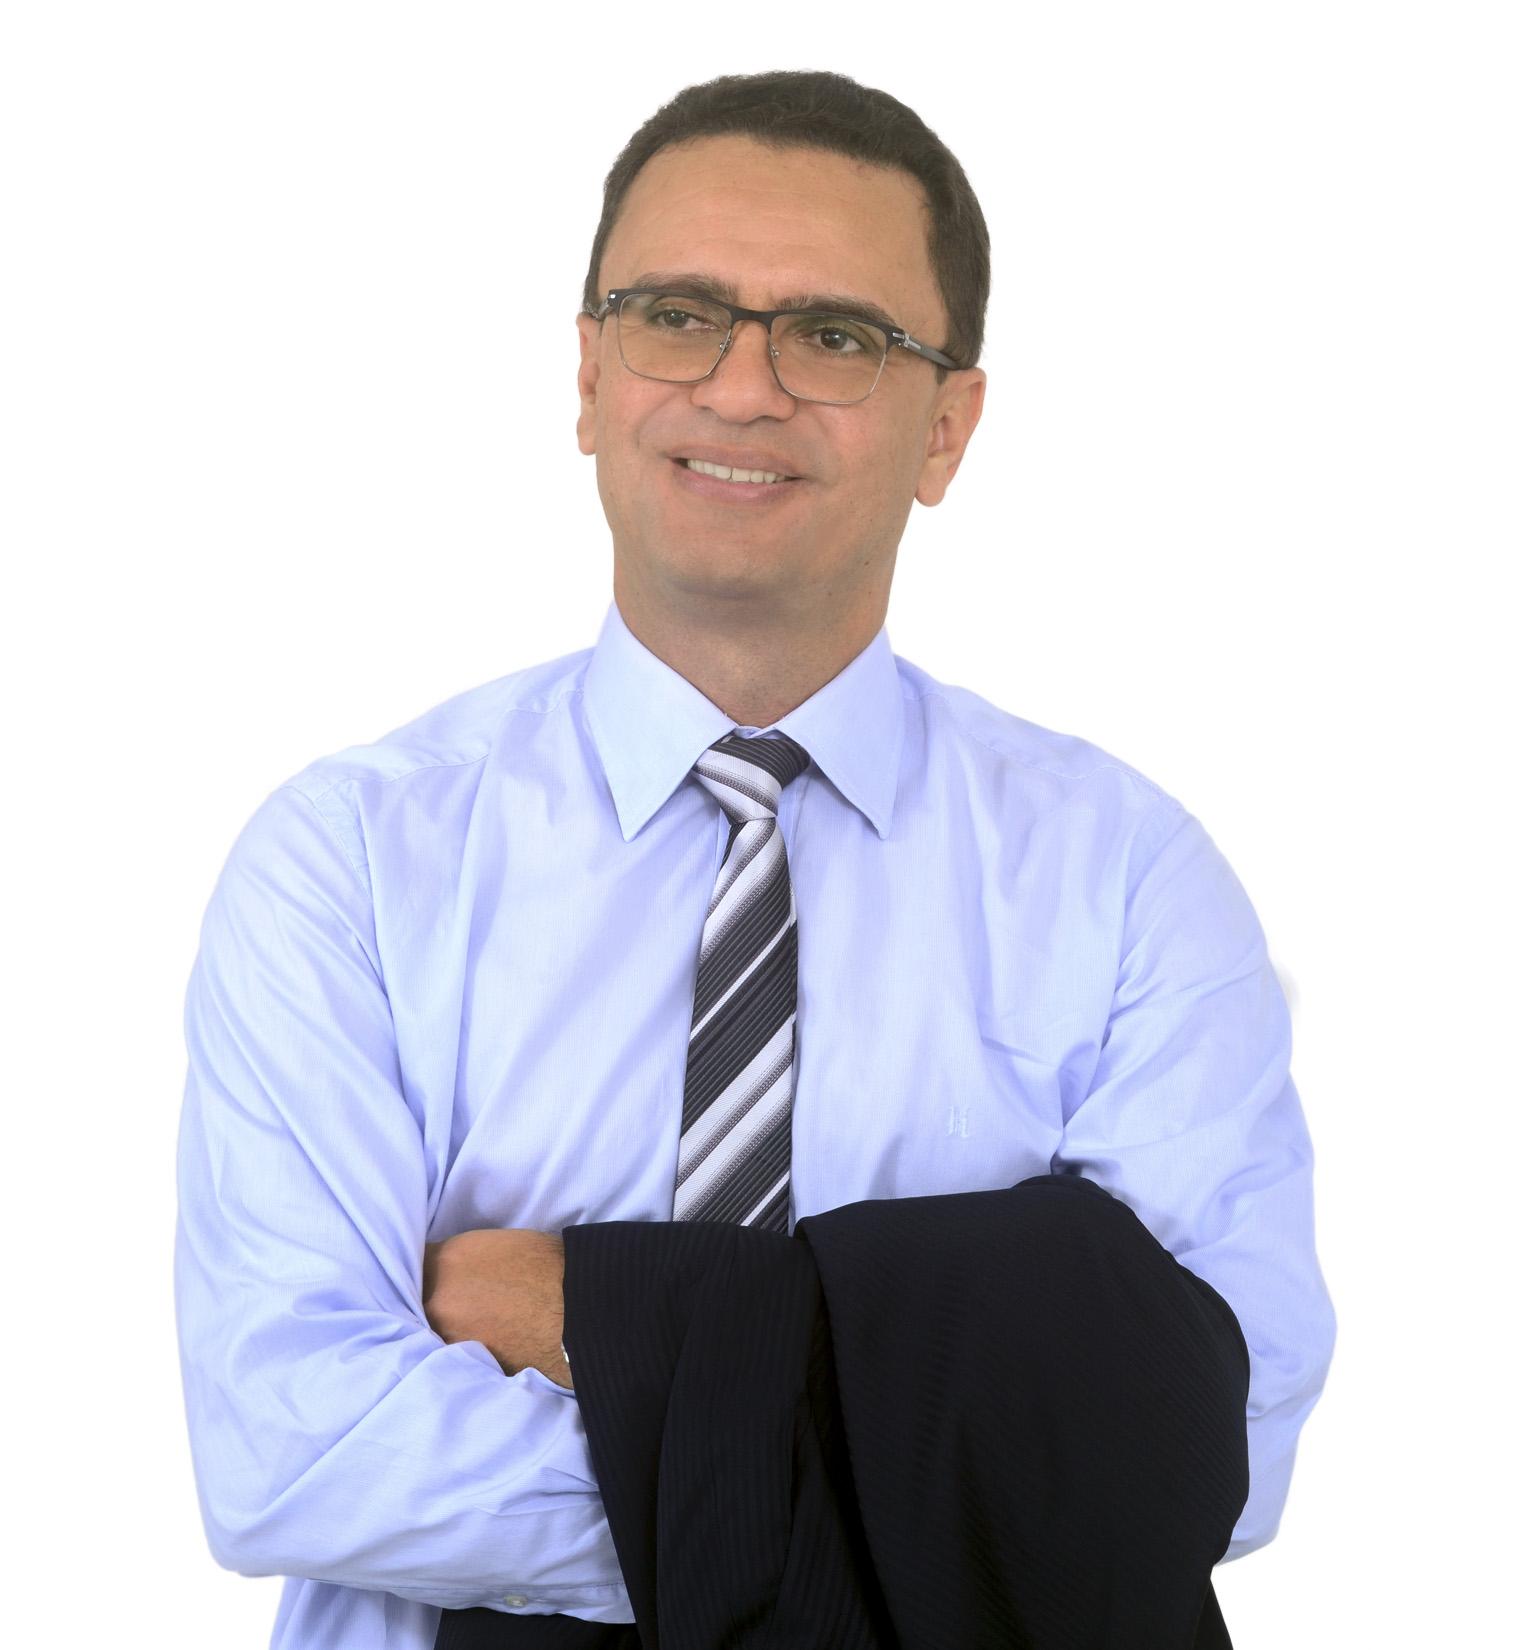 Alvaro Lucas Soares Silva Perciano